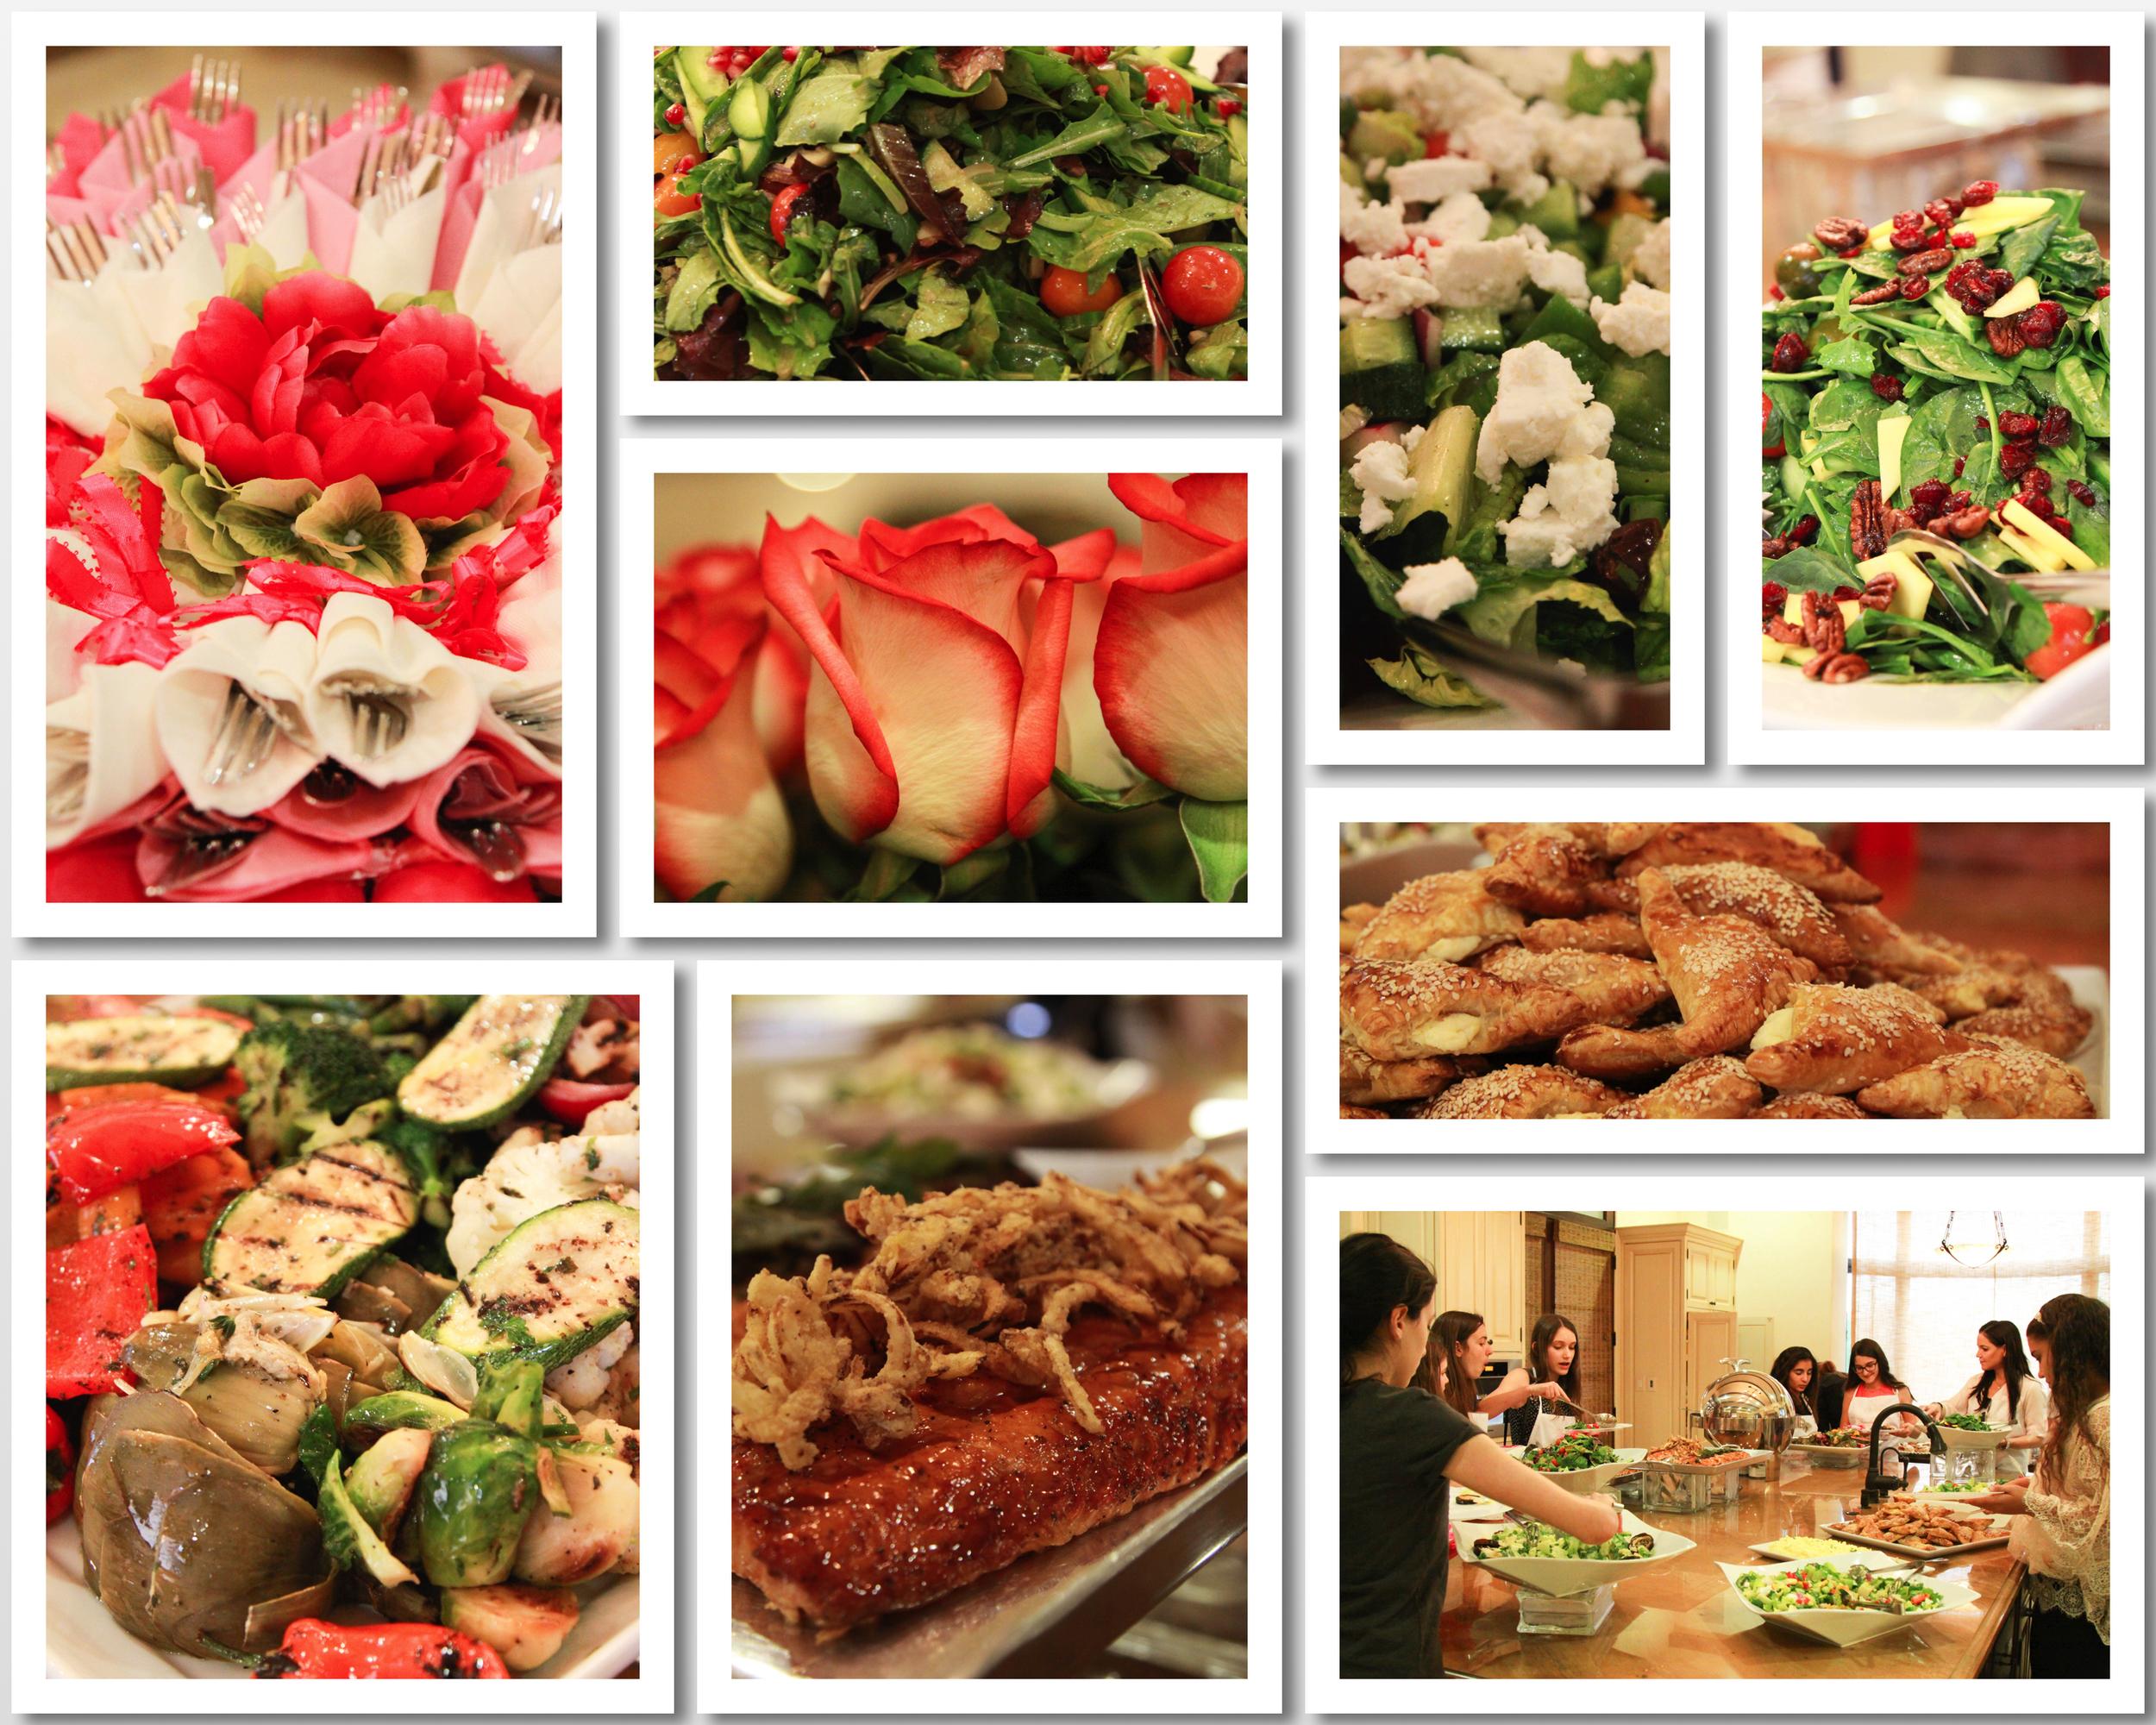 talia food collage.jpg